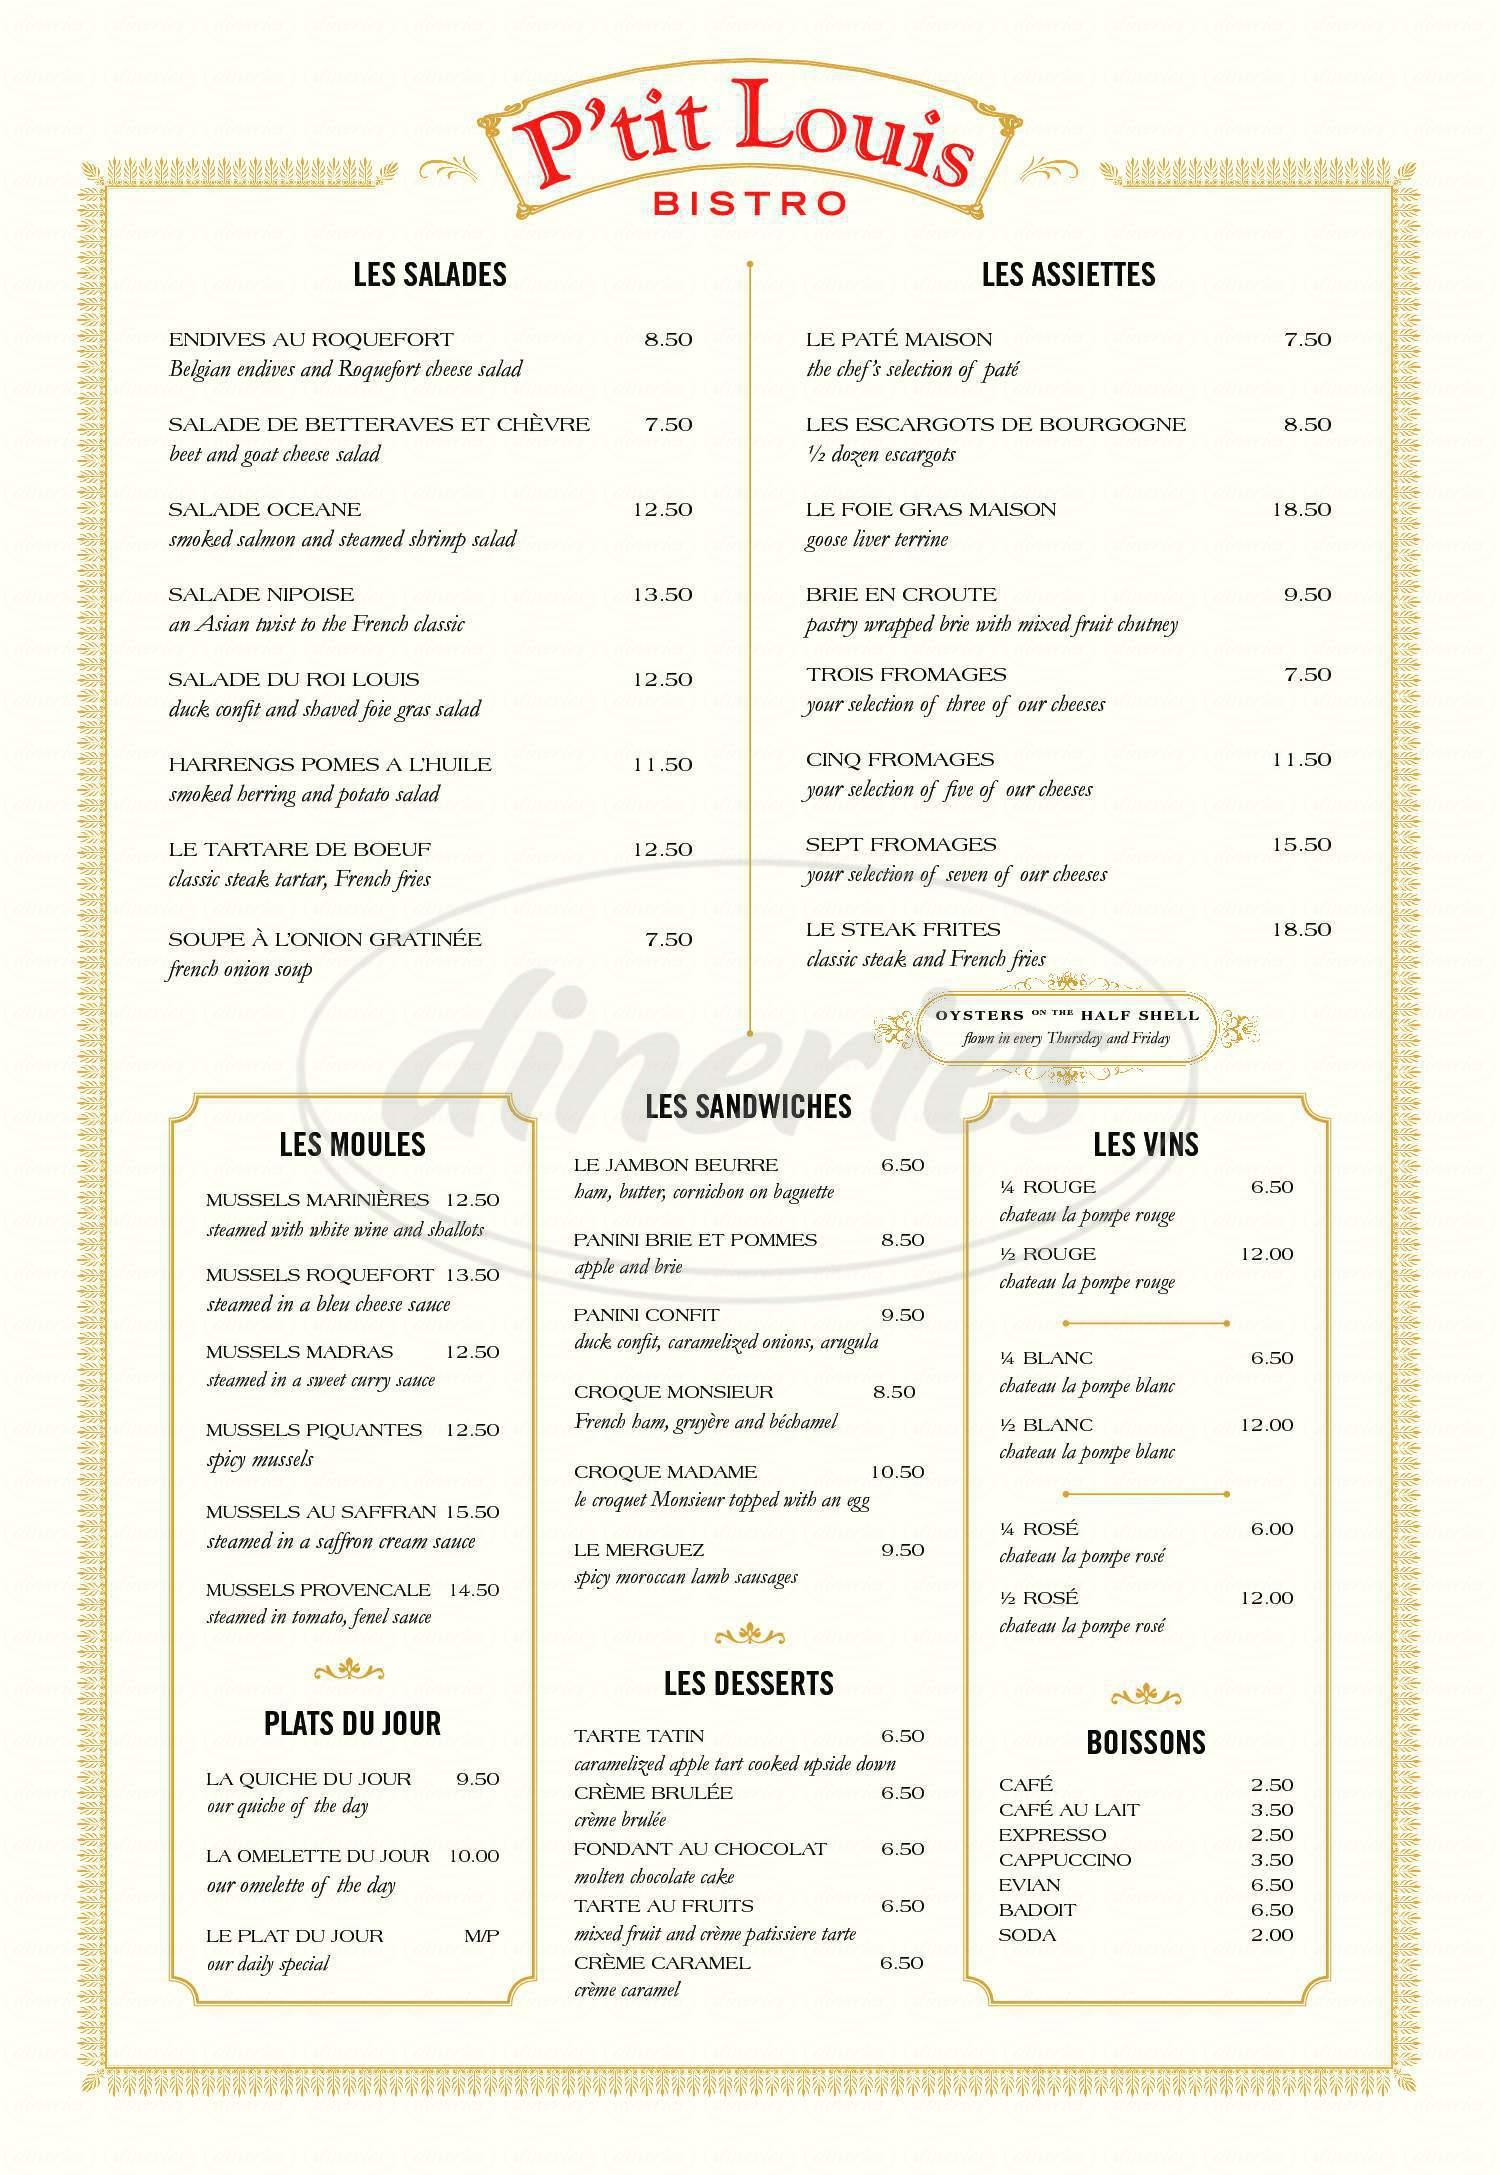 menu for P'tit Louis Bistro Nob Hill